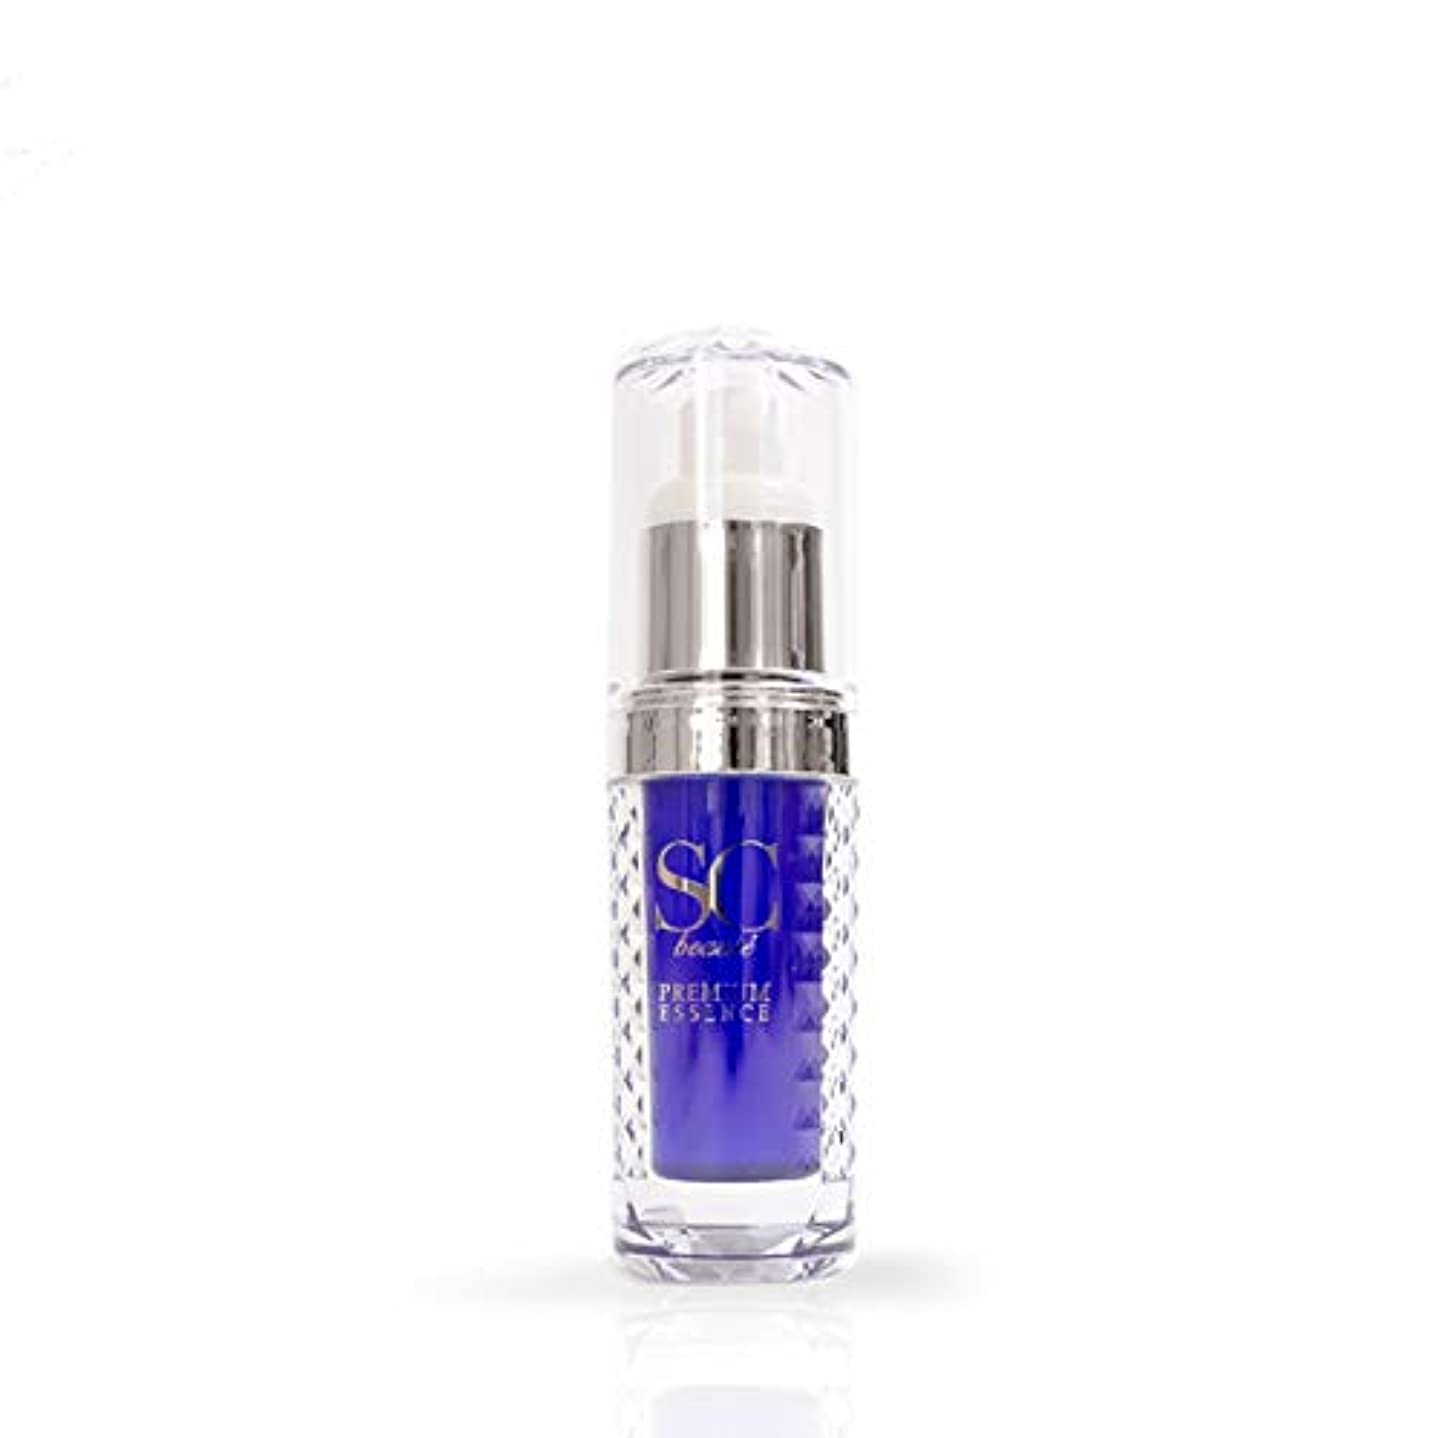 ビバノート咳ヒト幹細胞美容液 プレミアムエッセンス 美容液 ヒト幹細胞培養液+EDF+FGF+IGF スーパーヒアルロン酸 コラーゲン しみしわが気になる方にフラーレン配合